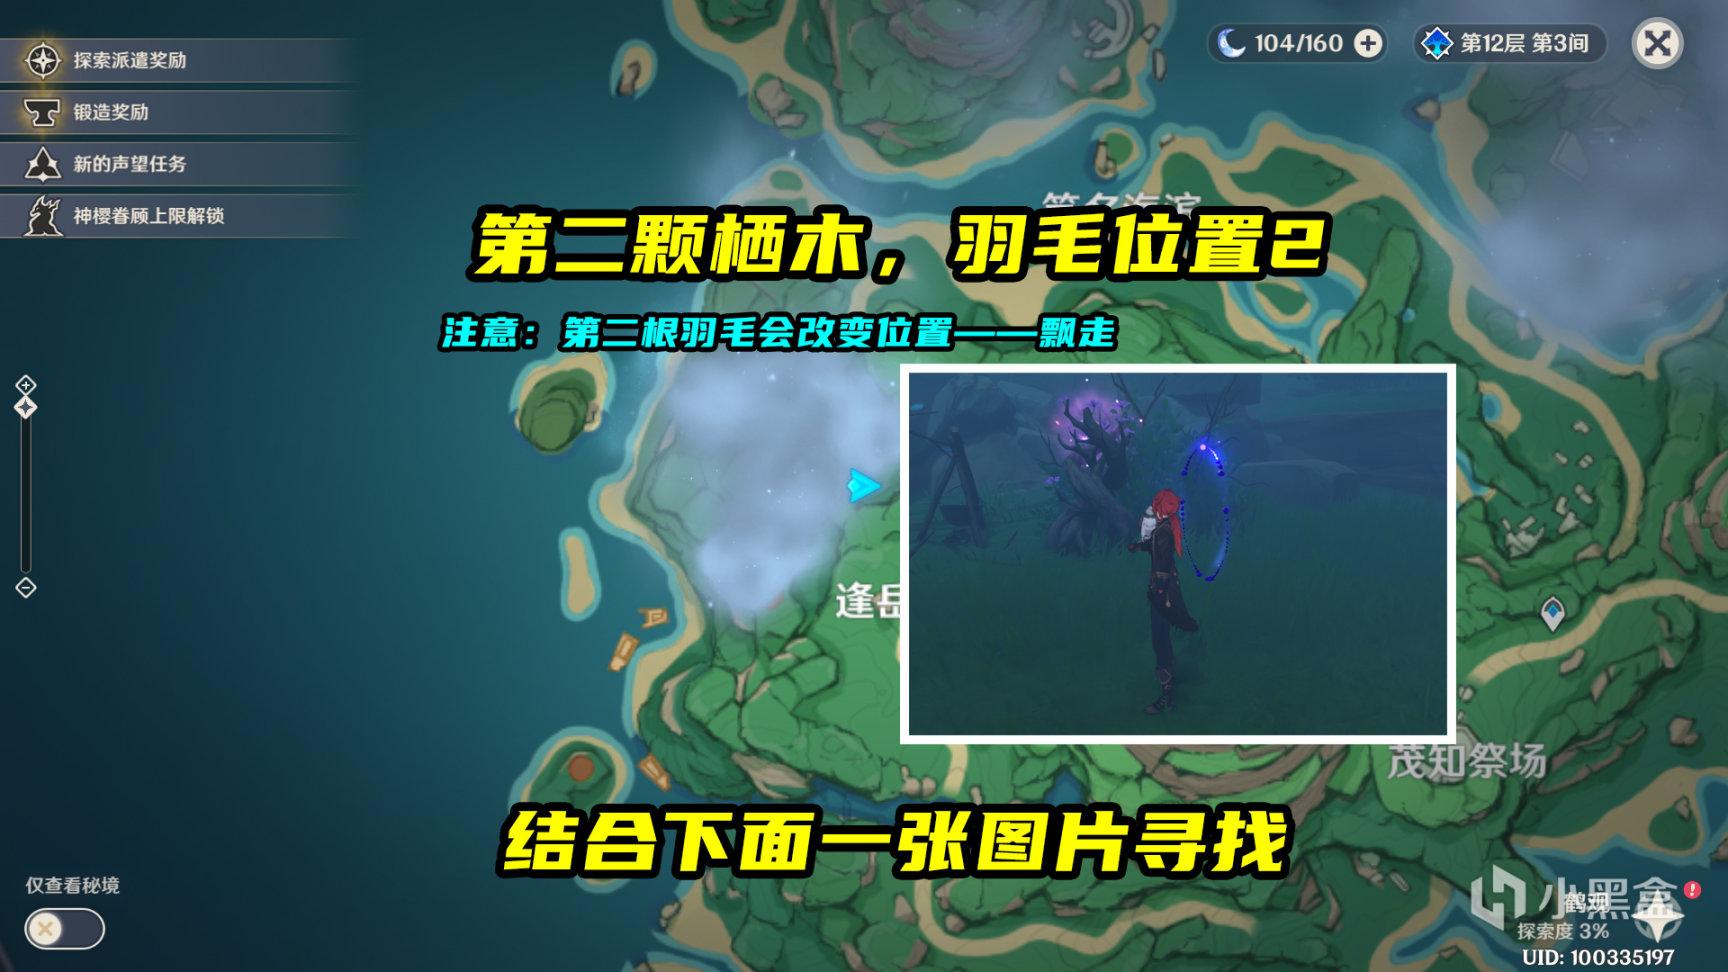 【雾海纪行】最详细的全攻略(多图警告)插图23